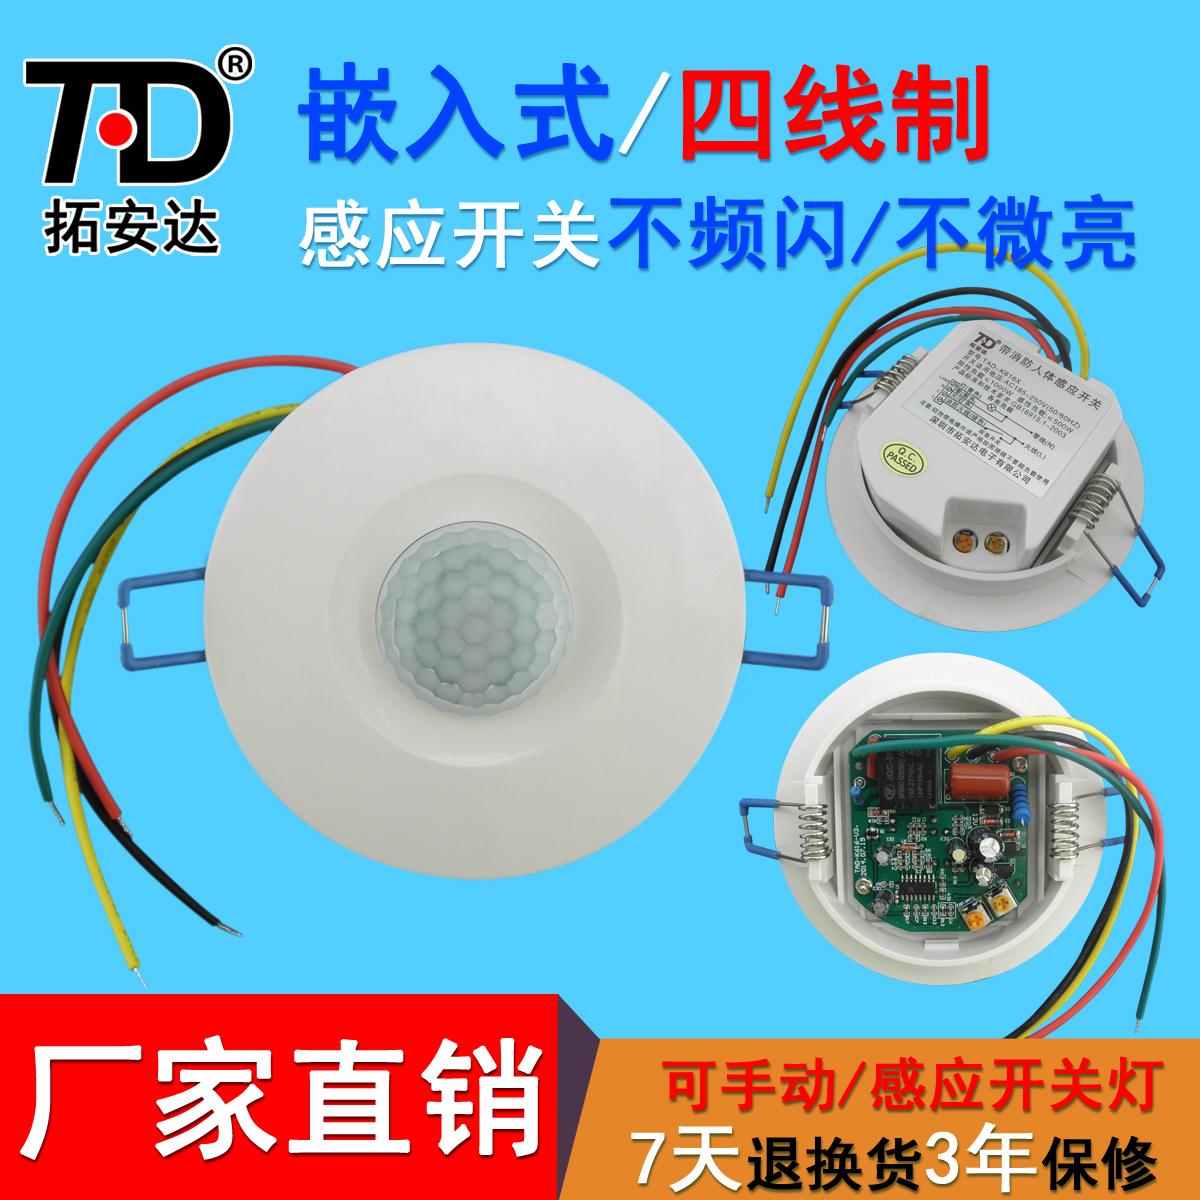 جزءا لا يتجزأ من هيئة التعريفي التبديل 220V / سقف عالية الطاقة الأشعة تحت الحمراء / الصمام مصباح / مصباح توفير الطاقة